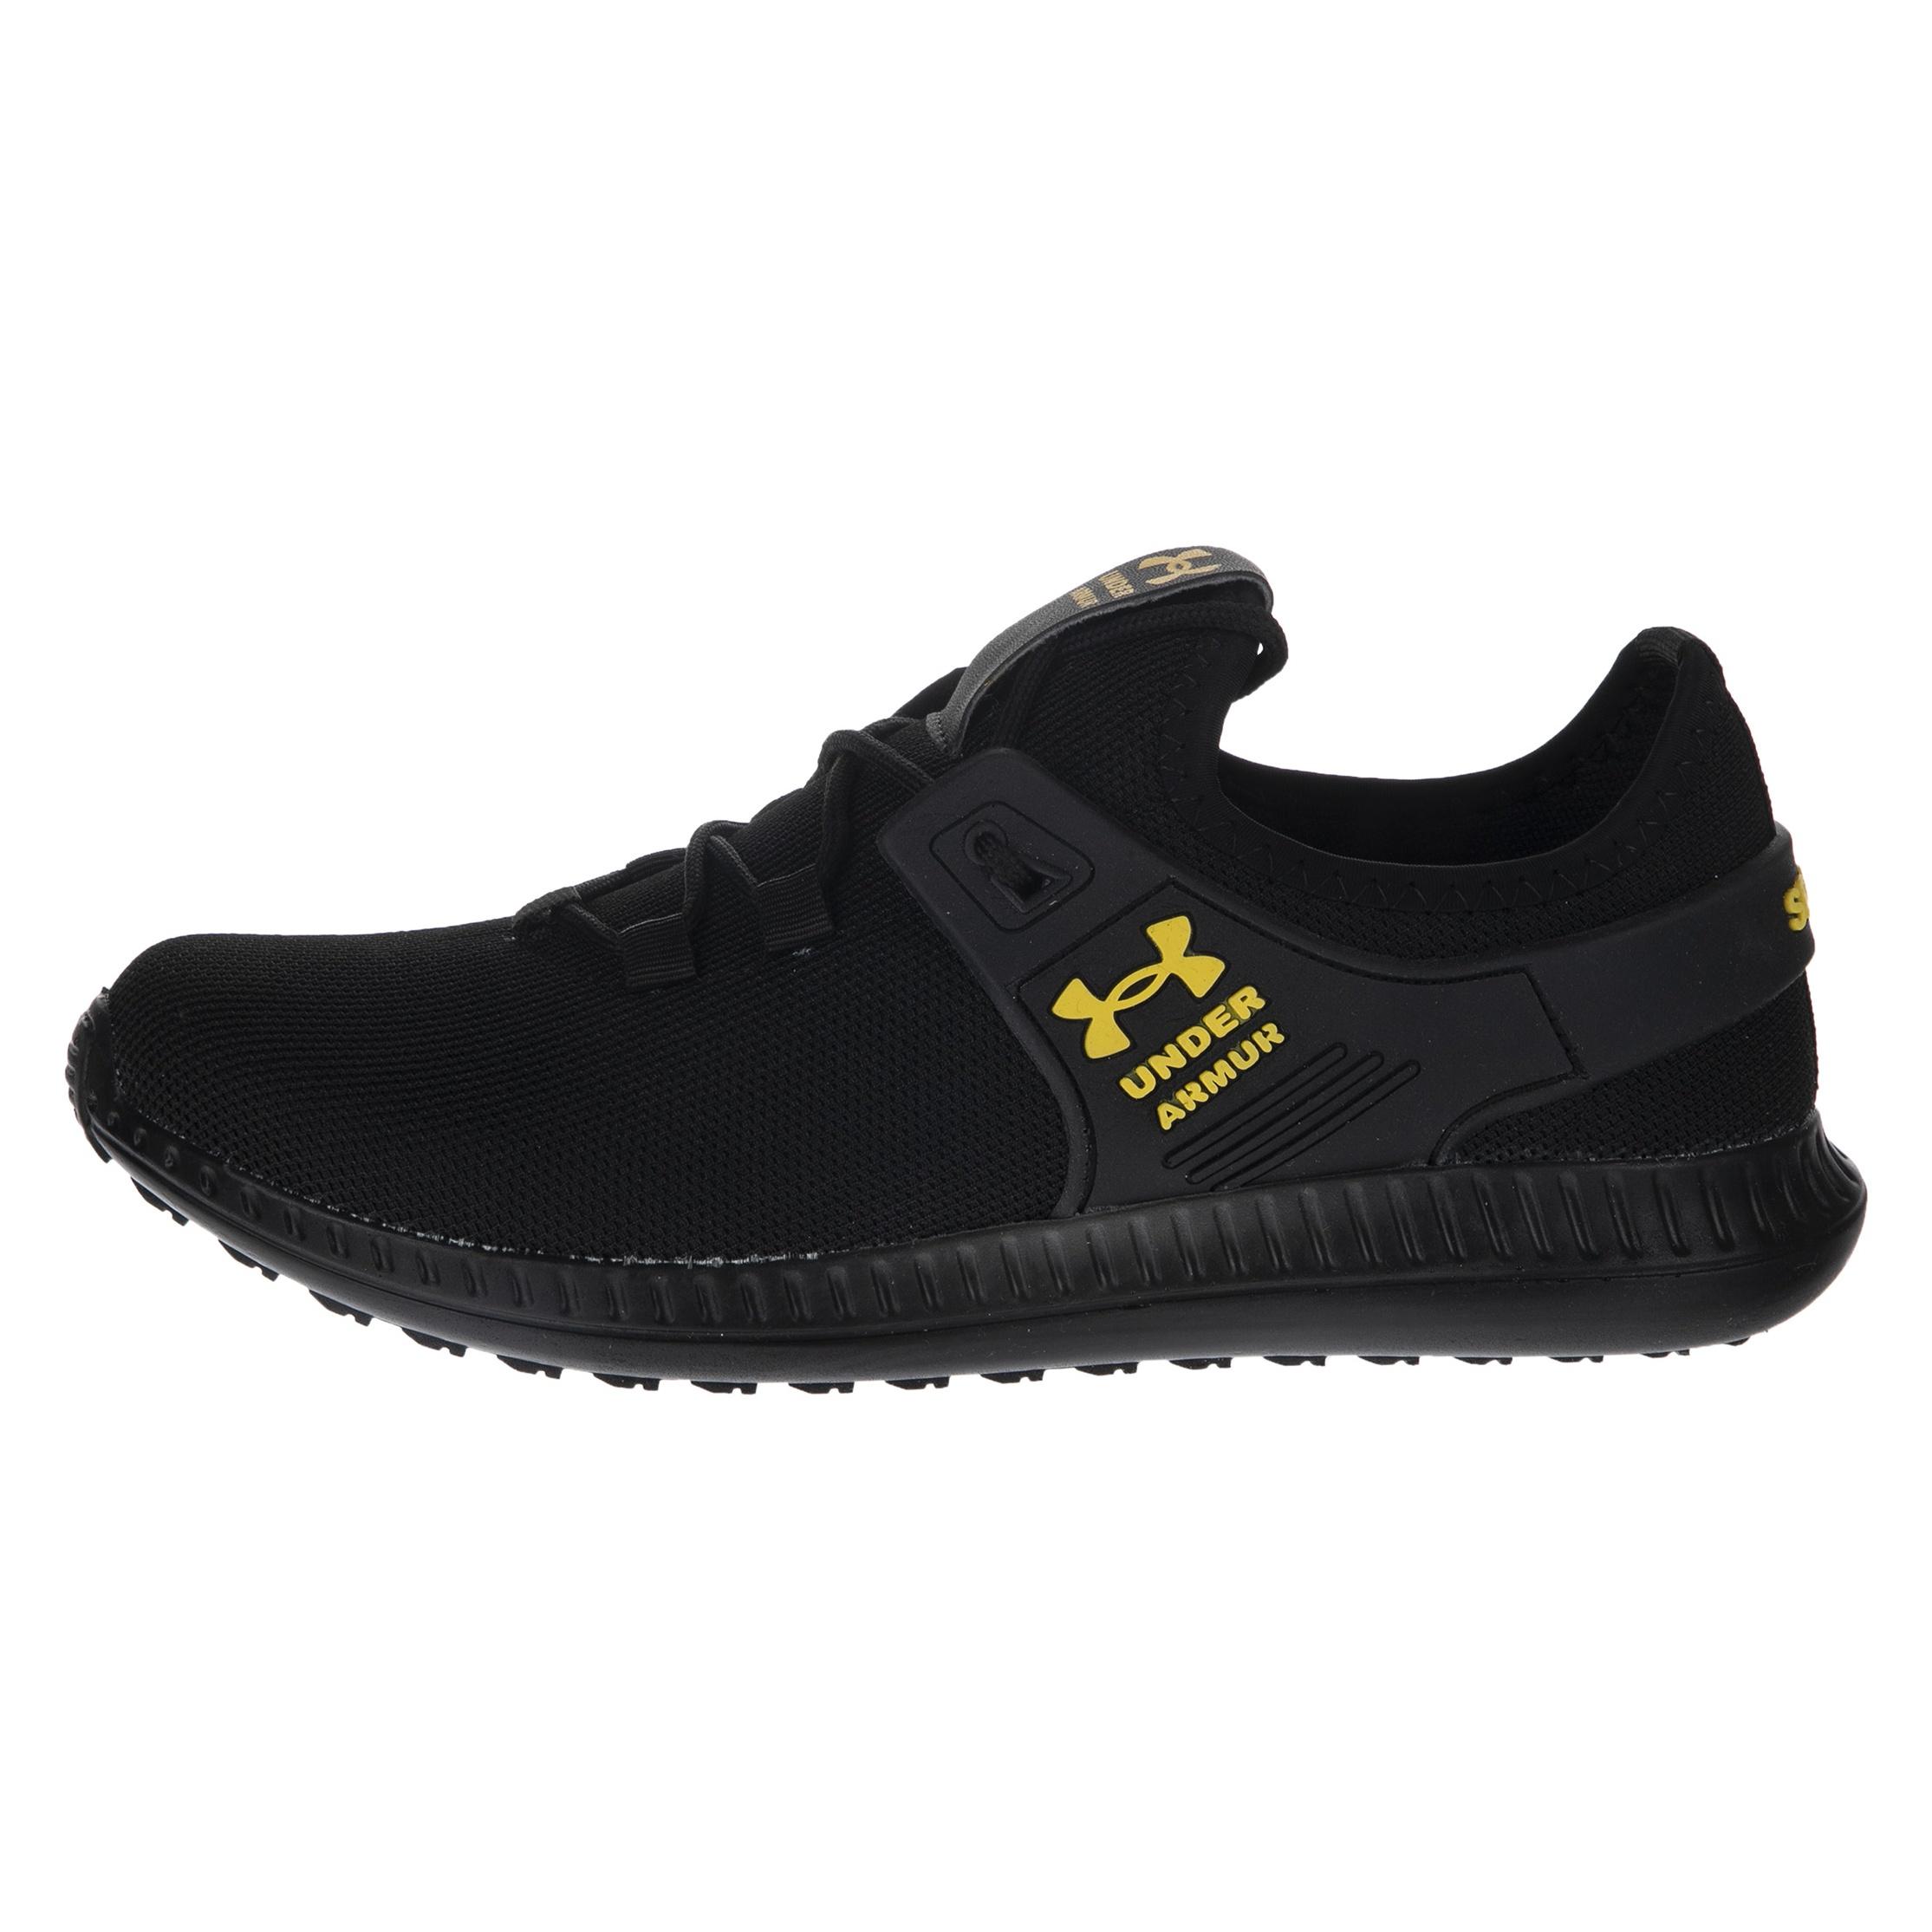 کفش مخصوص پیاده روی مردانه کد 351001402